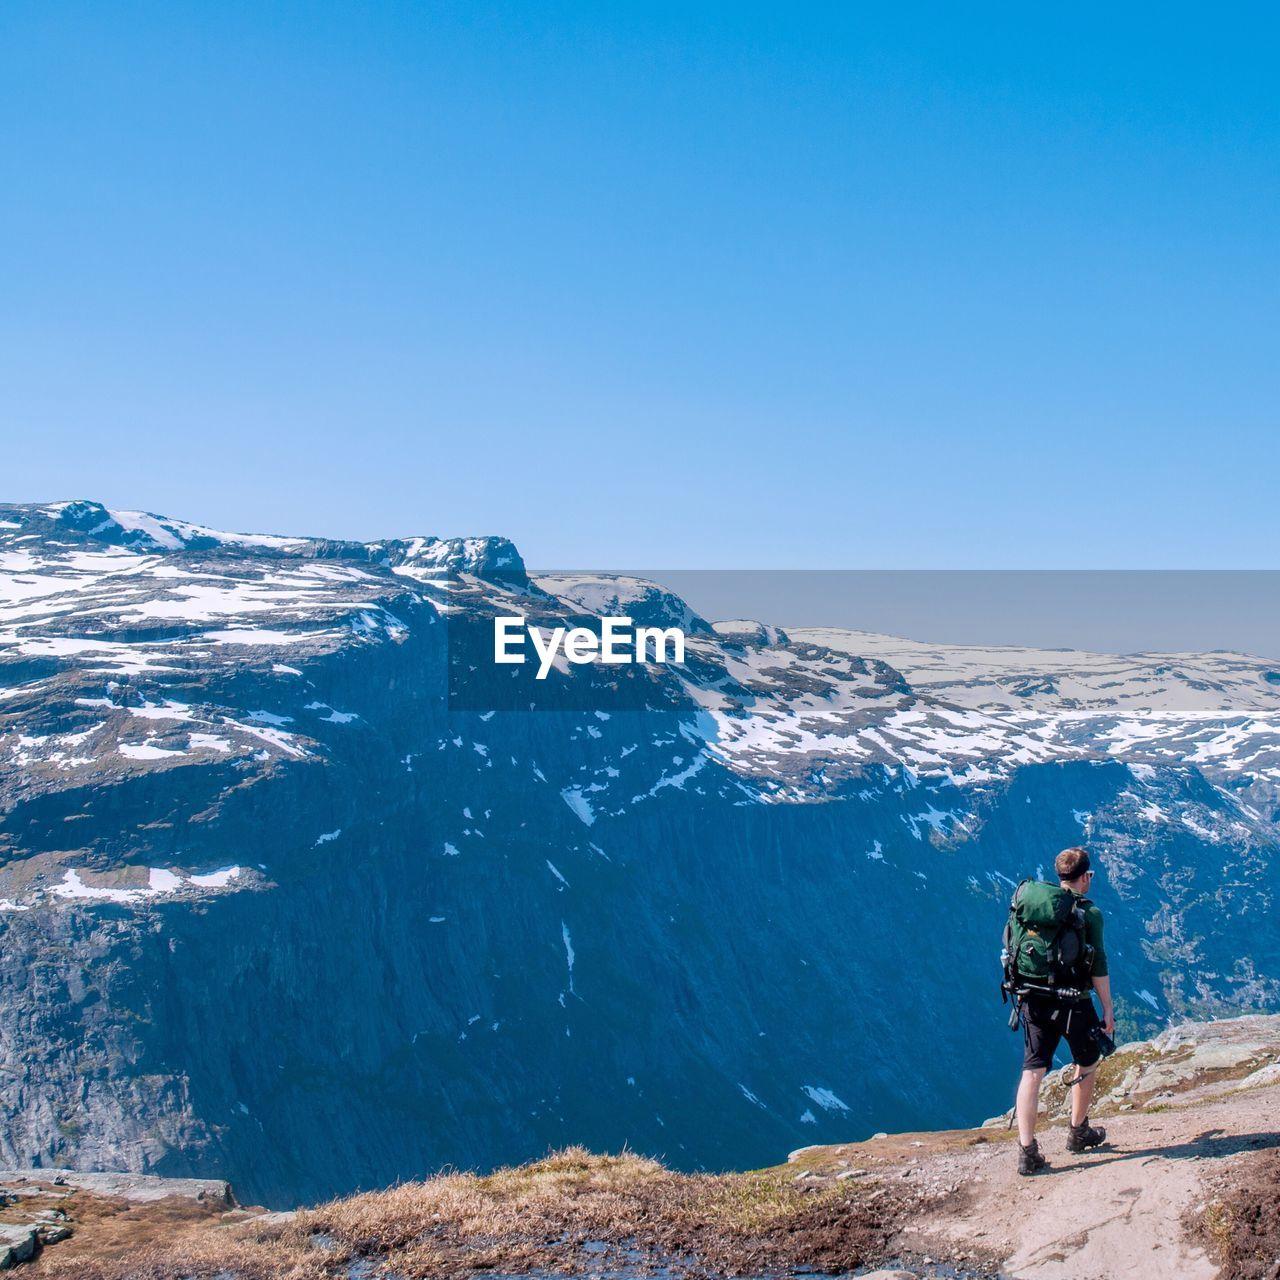 Man on mountain against clear blue sky